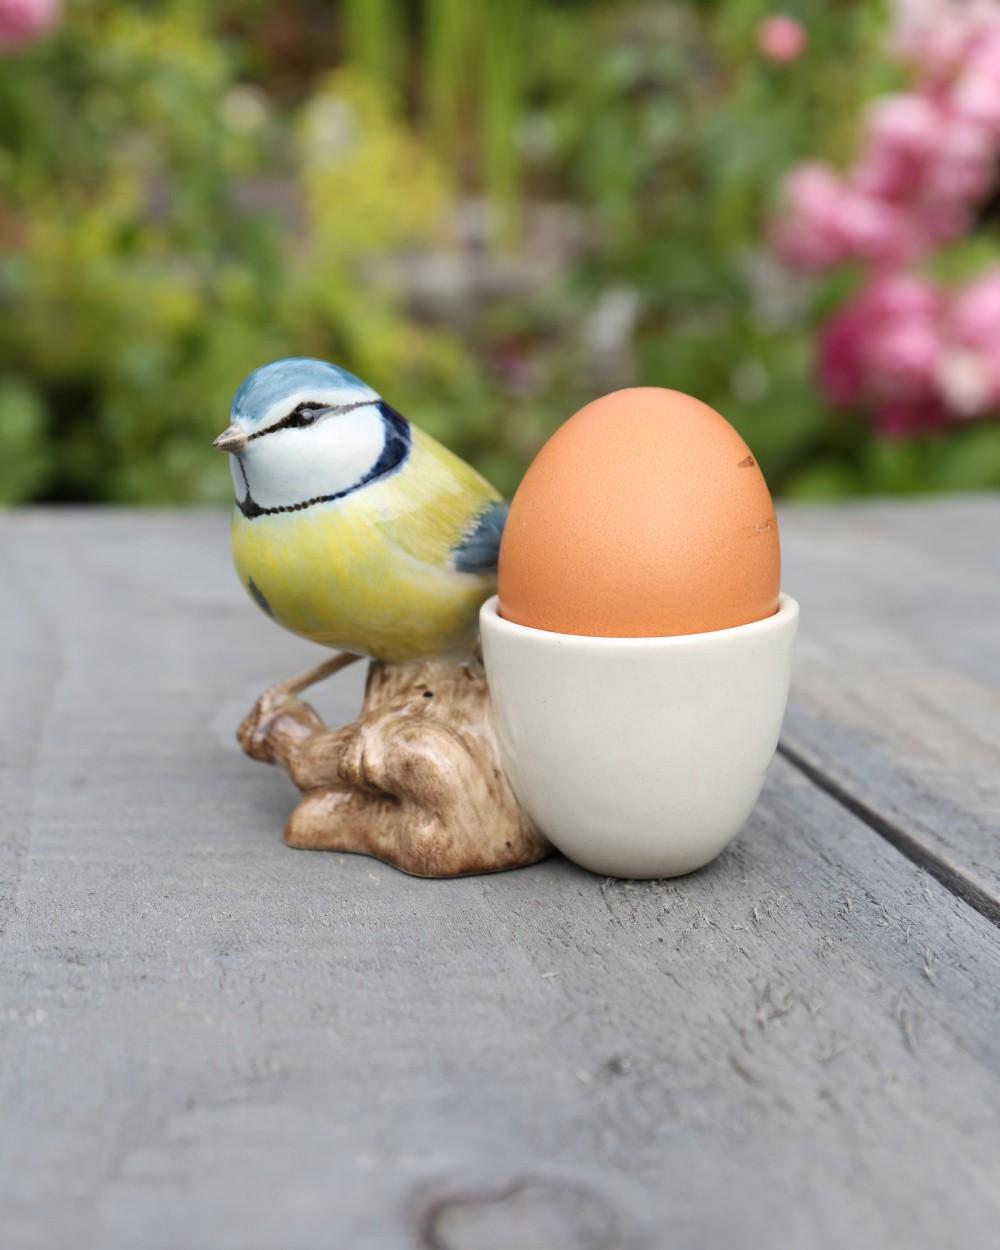 Blue Tit Egg Cup